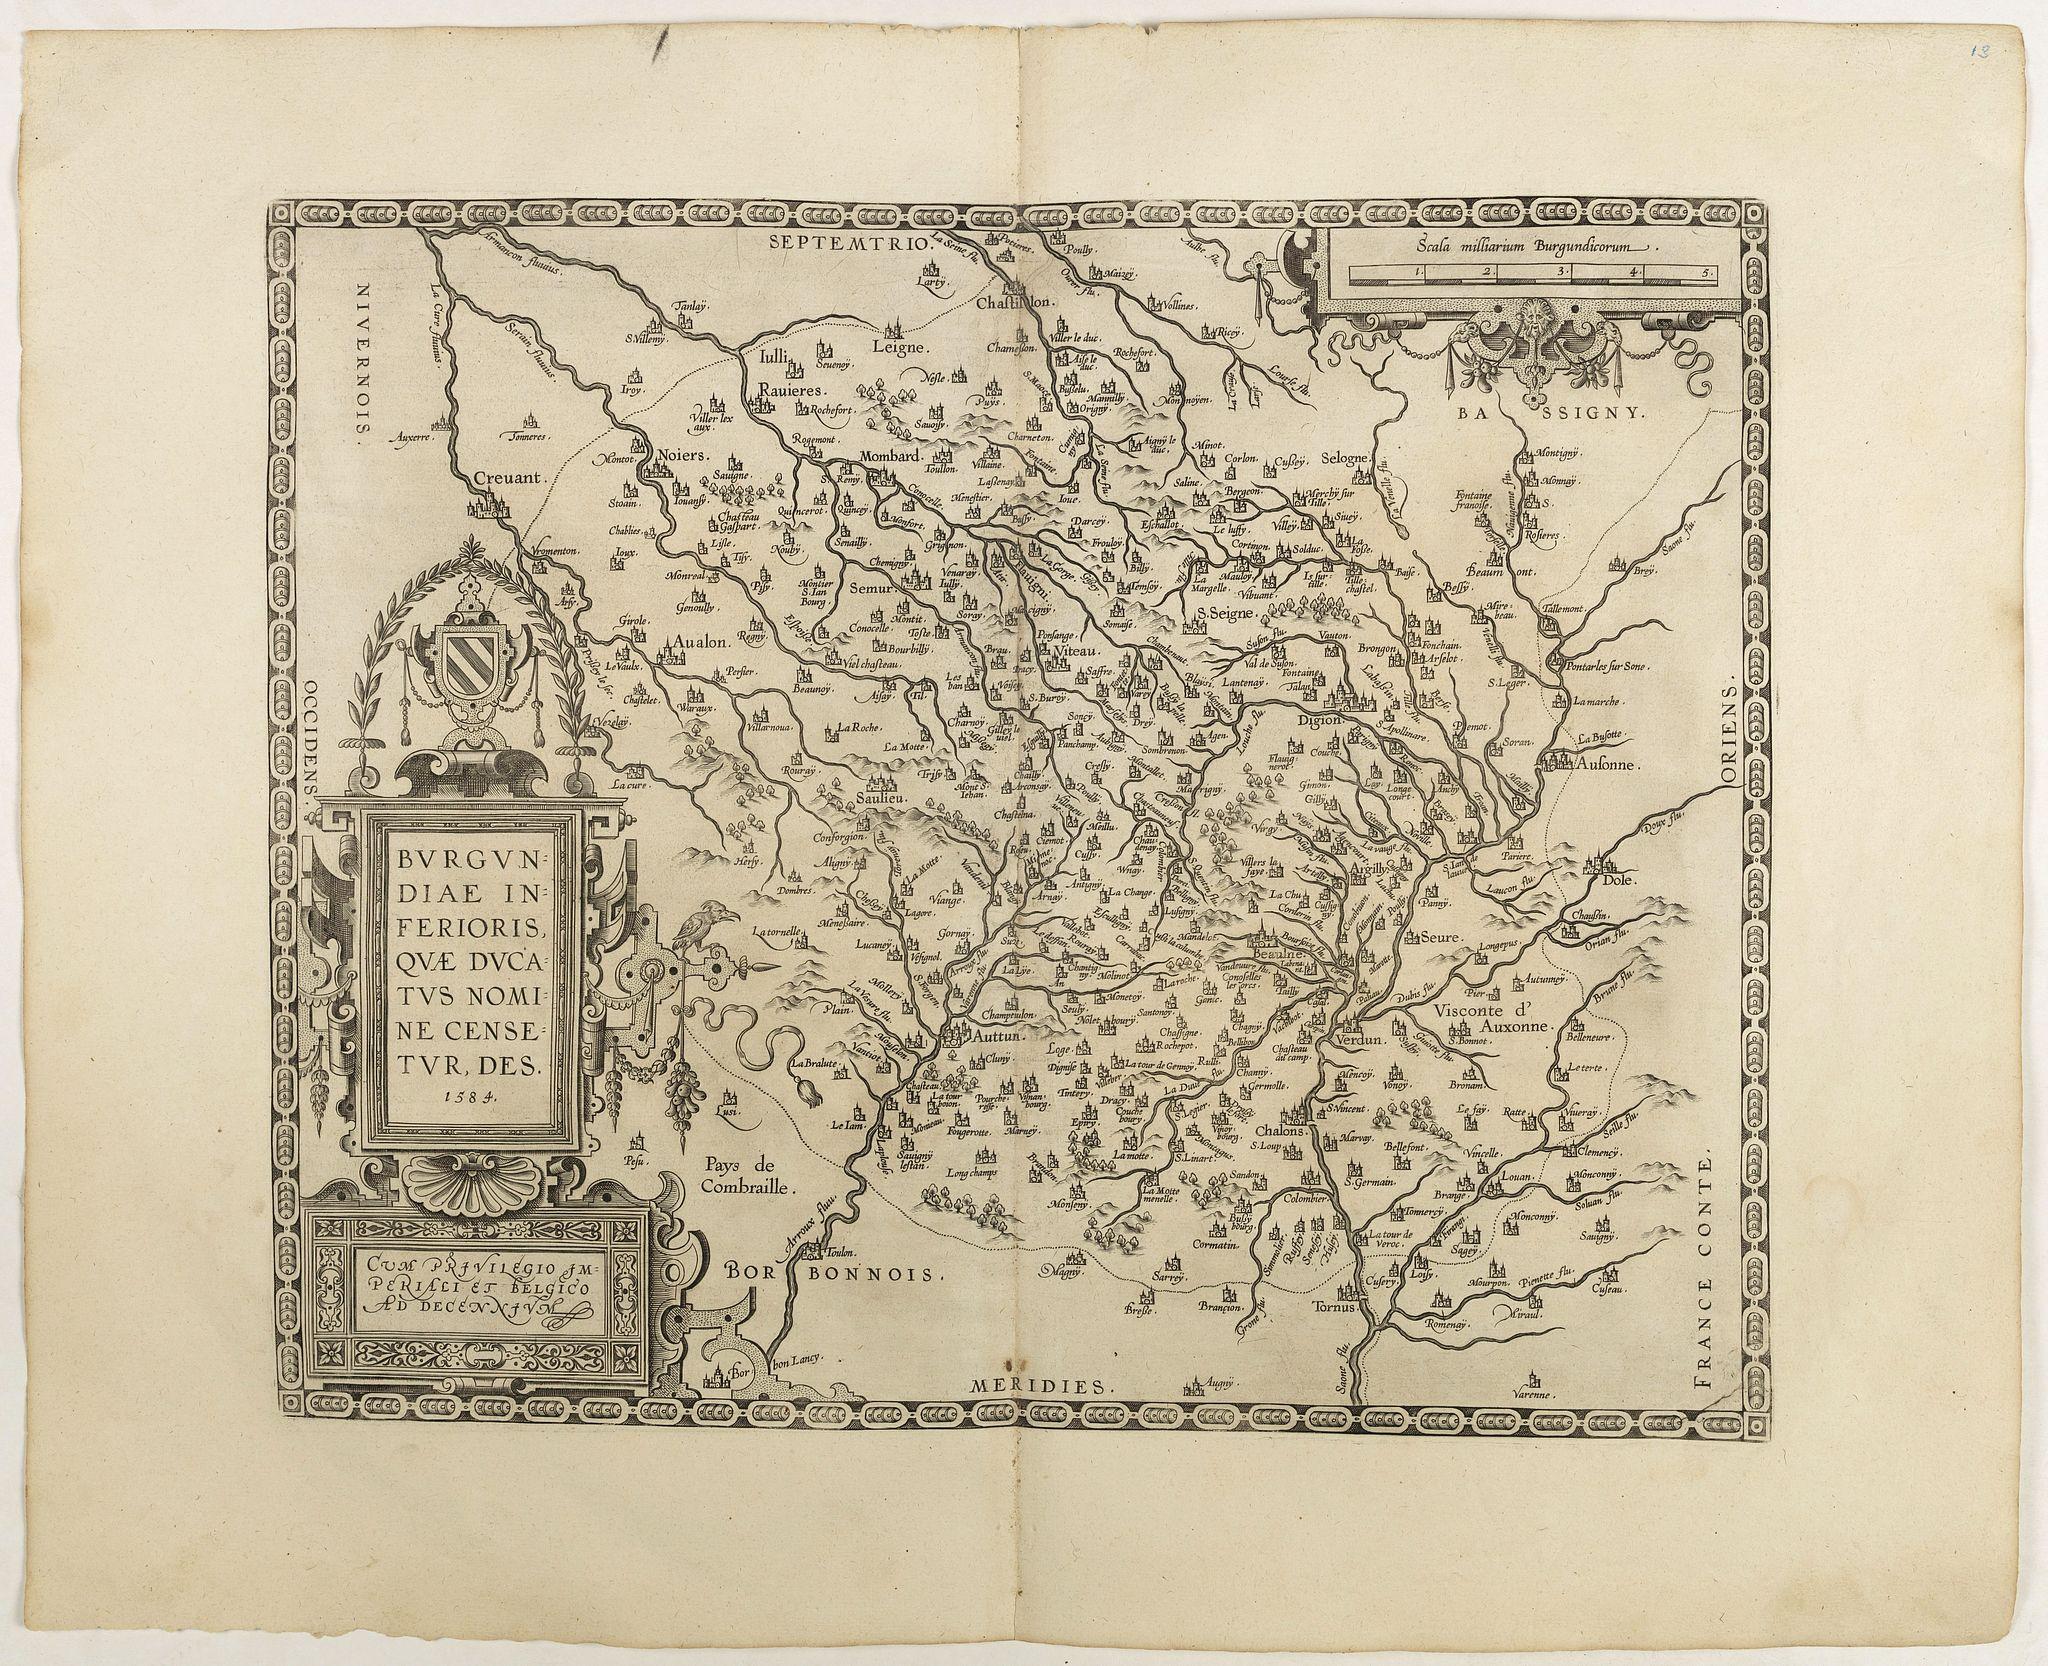 ORTELIUS, A. -  Burgundiae inferioris quae Ducatus Nomine Censetur, Des.